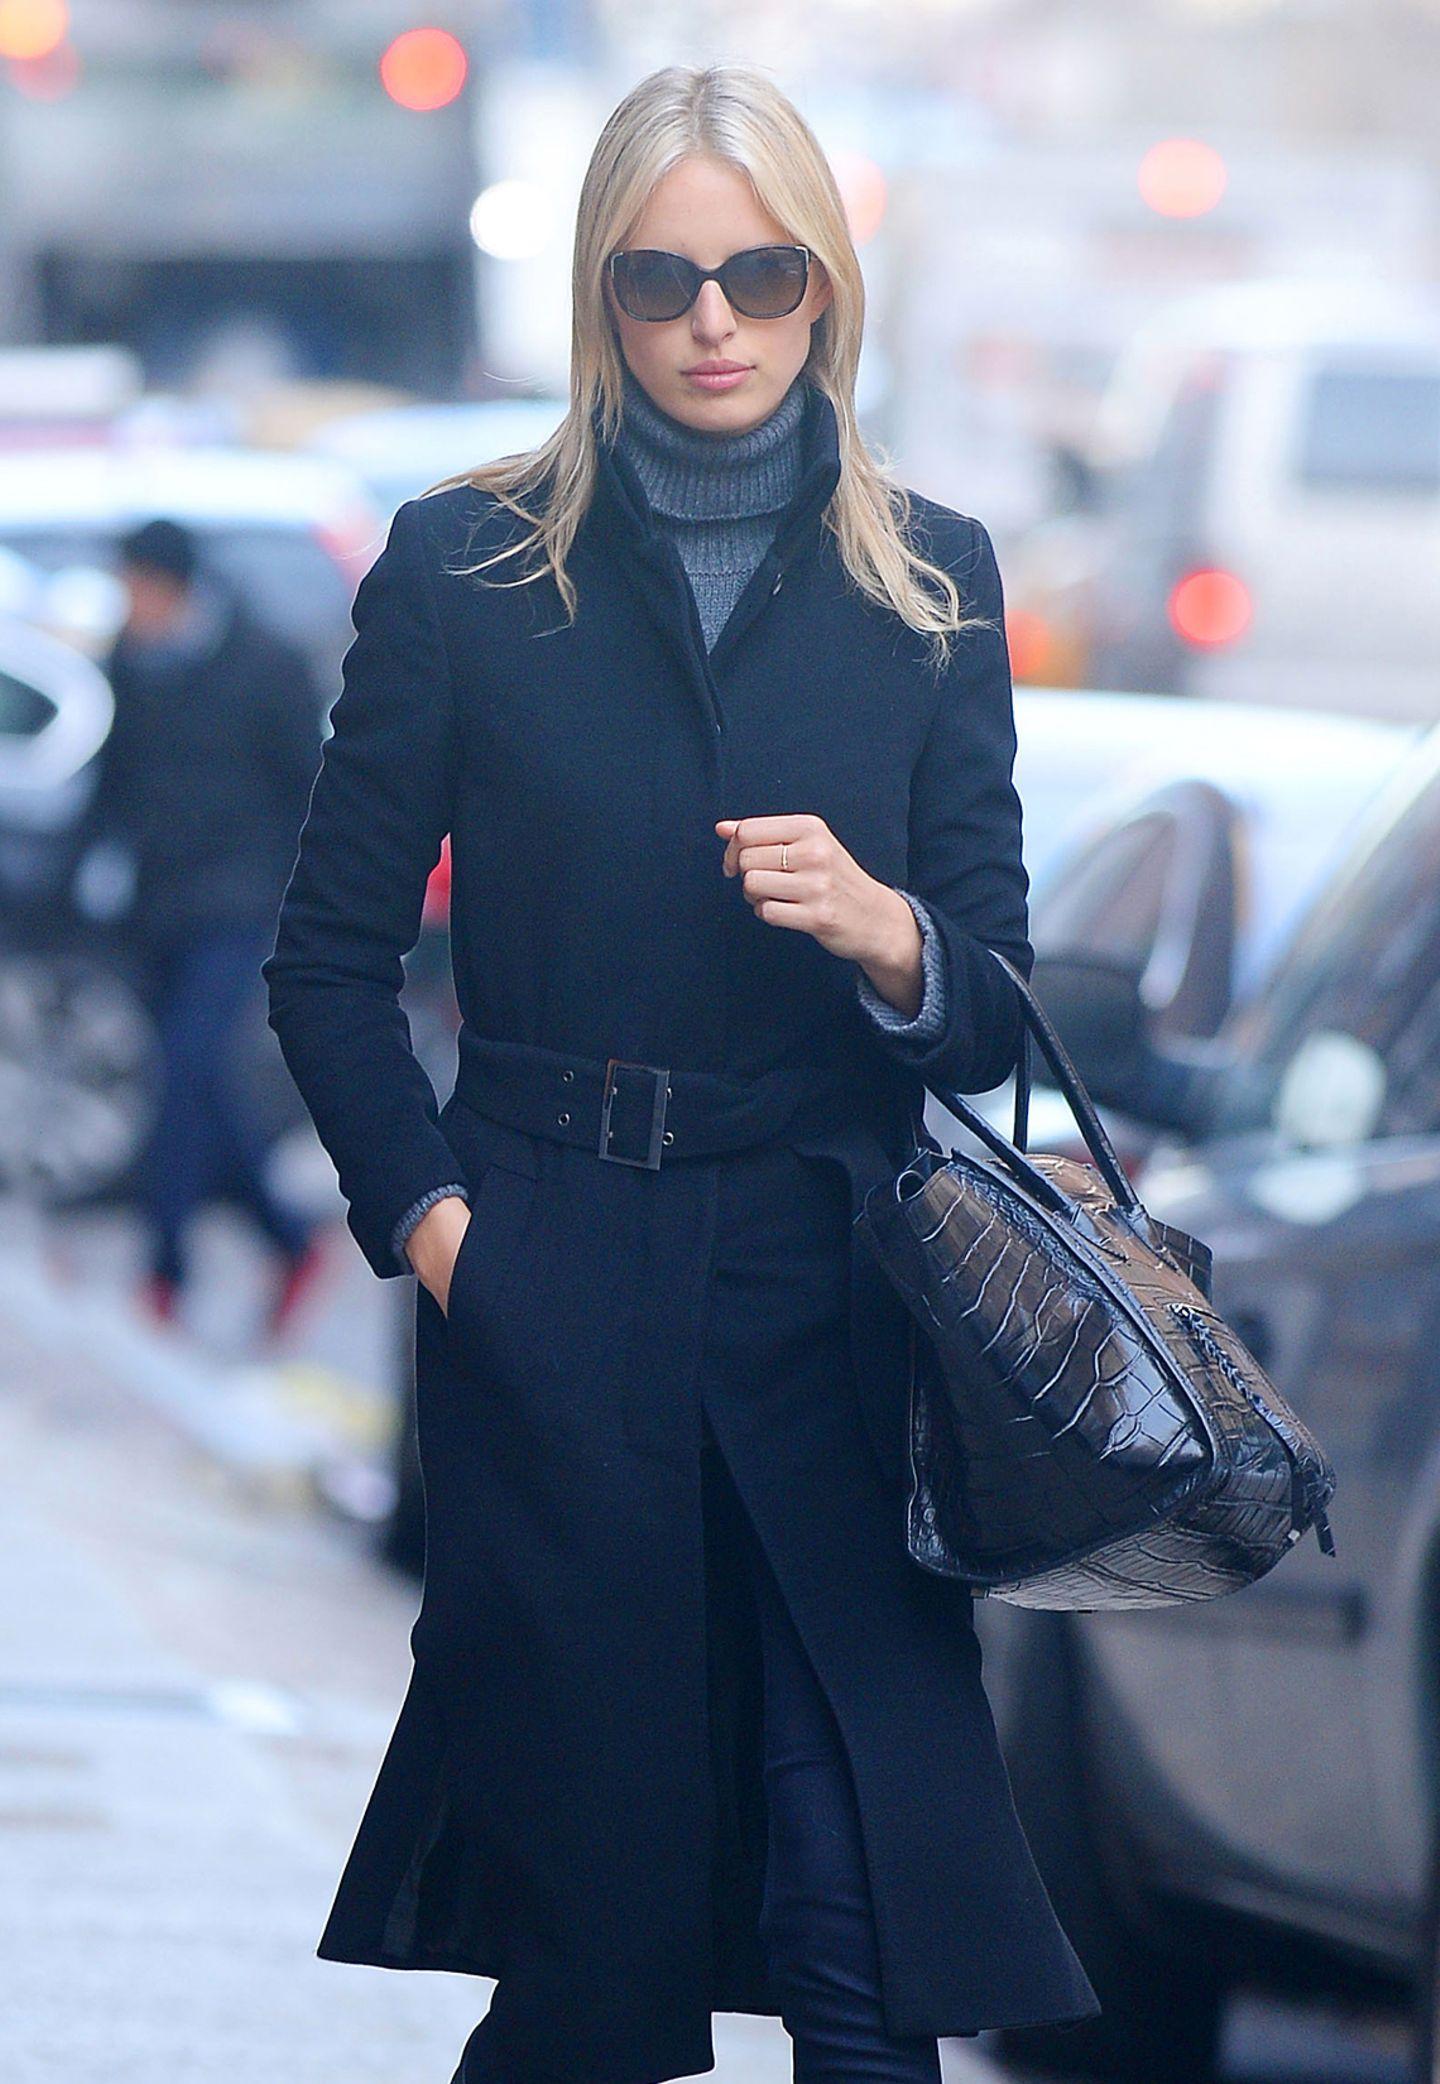 Ihre schwarze Trapeztasche mit Krokodilleder trägt Model Karolina Kurkova lässig in der Armbeuge.